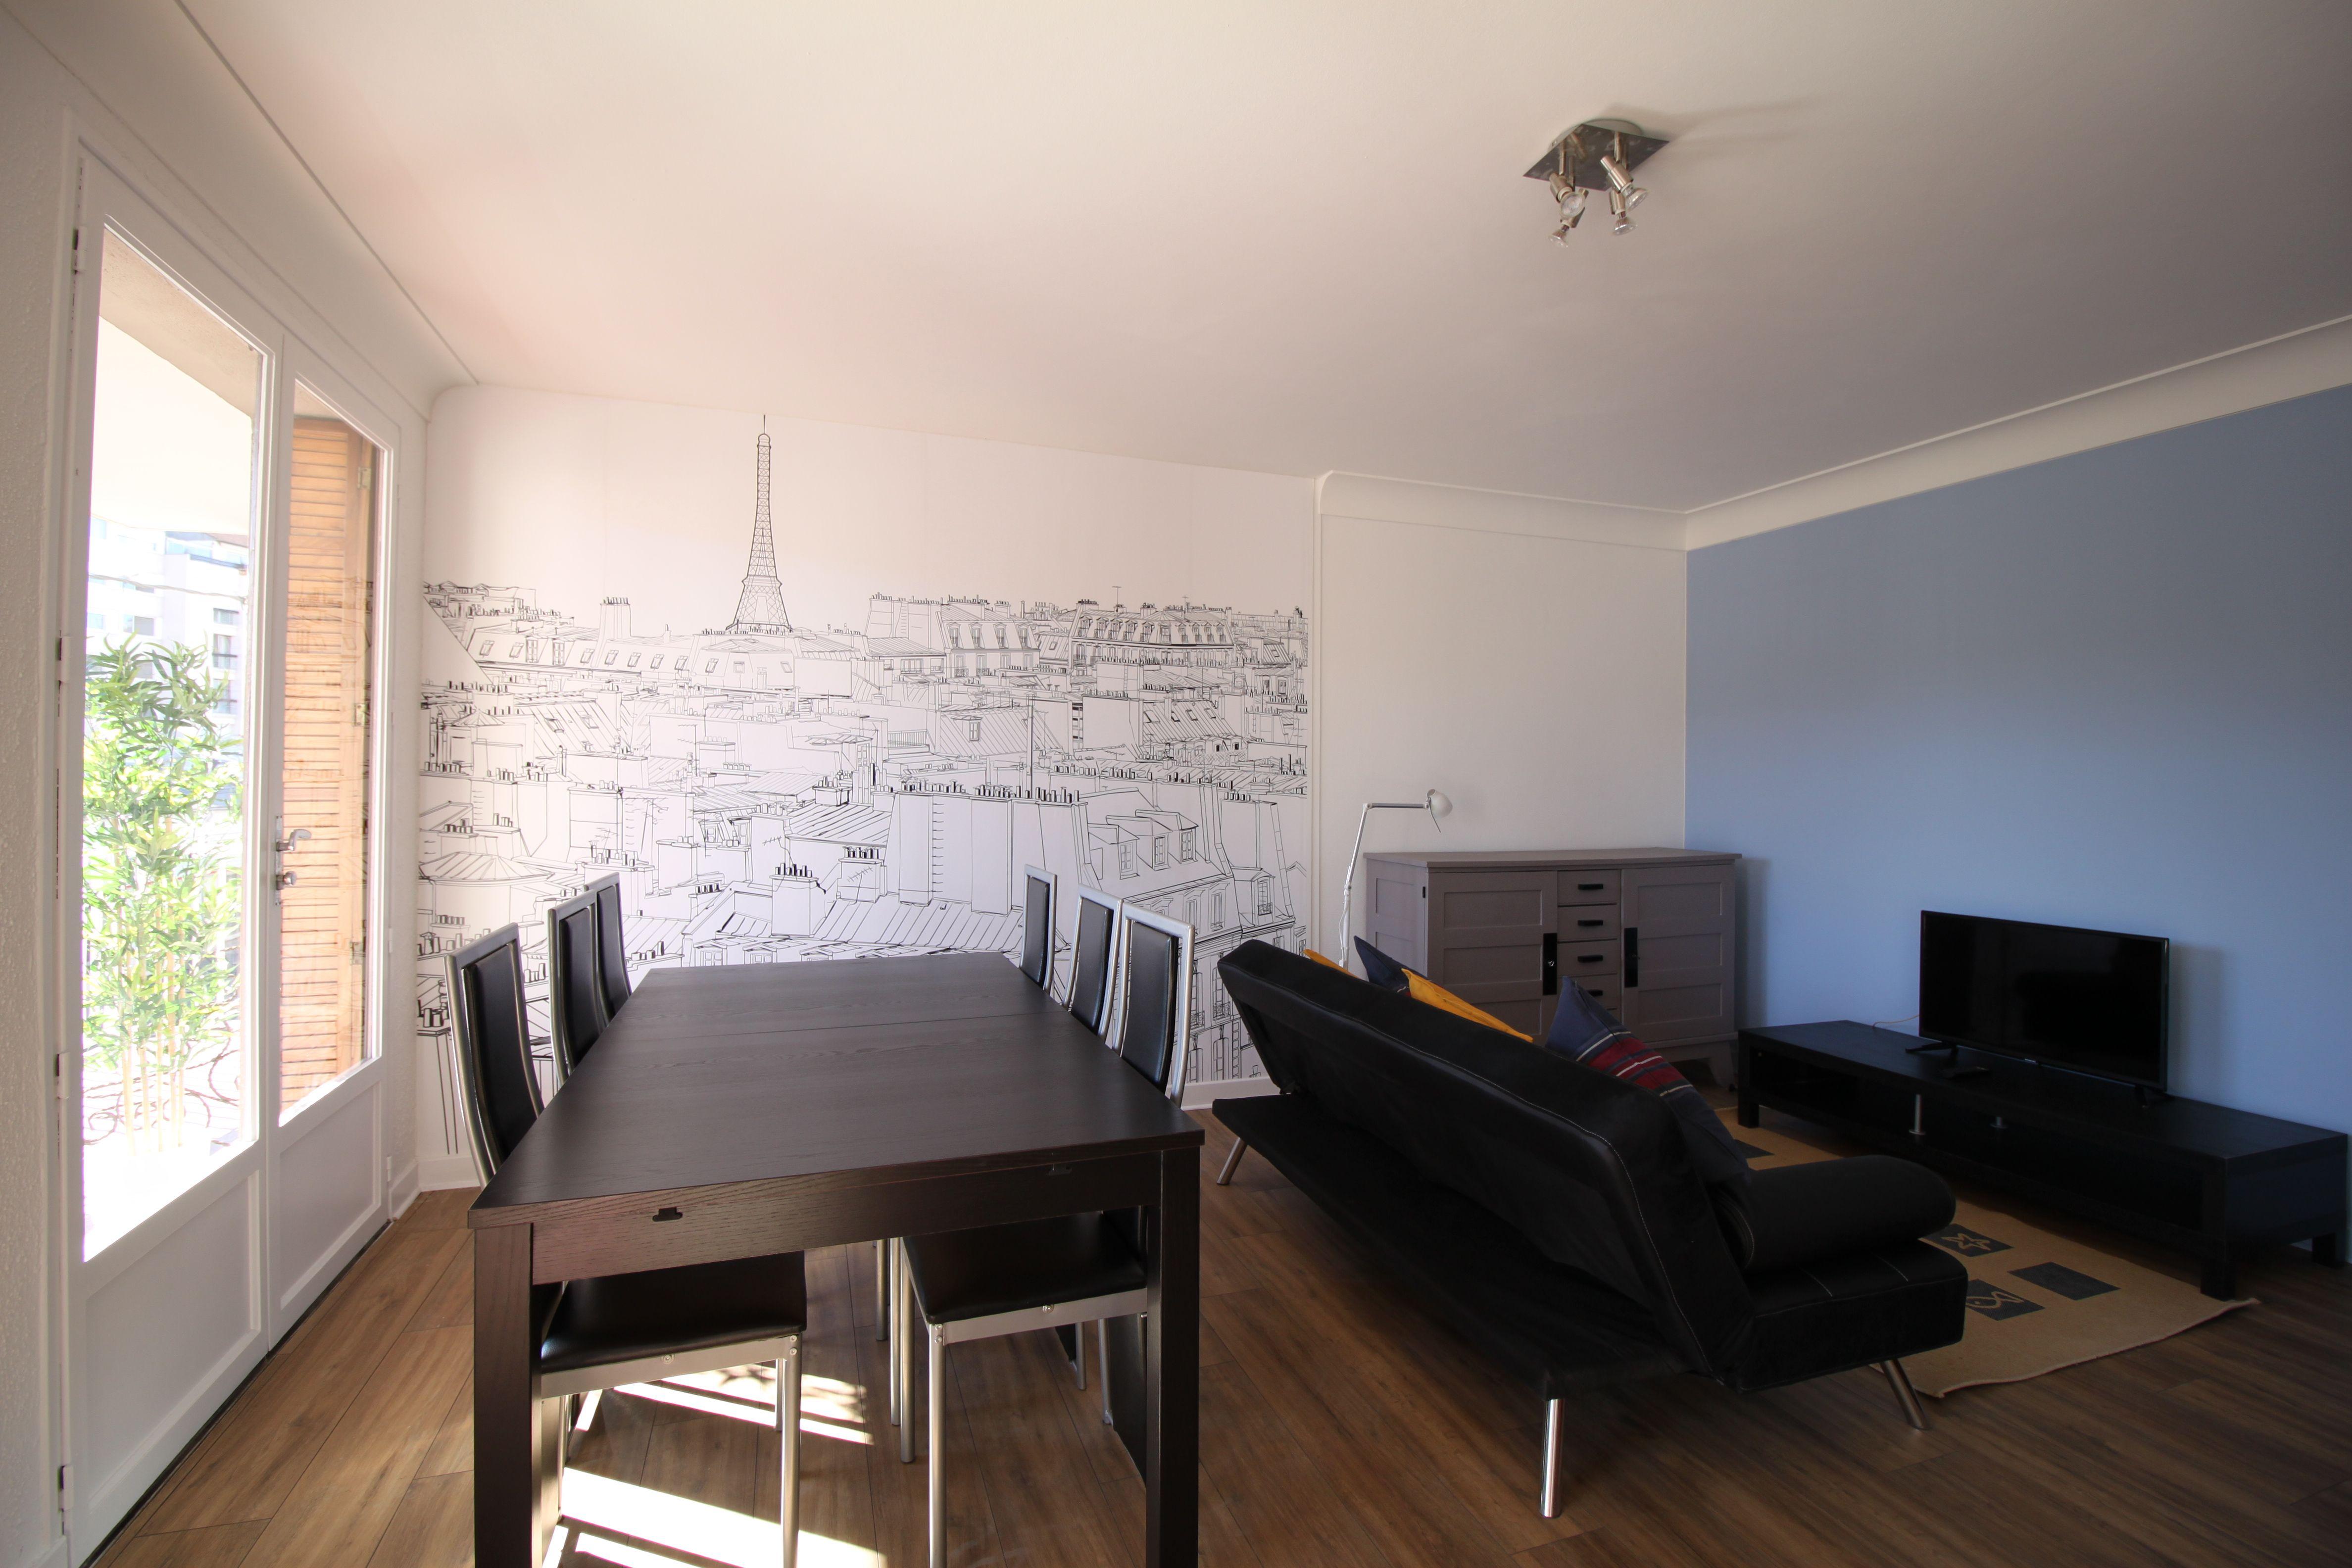 Colocation Le Puy-en-Velay 60PLUS & Location Chambre à louer Le Puy-en-Velay 60PLUS | Loue chambre meublée Le Puy-en-Velay 60PLUS | Logement Le Puy-en-Velay 60PLUS